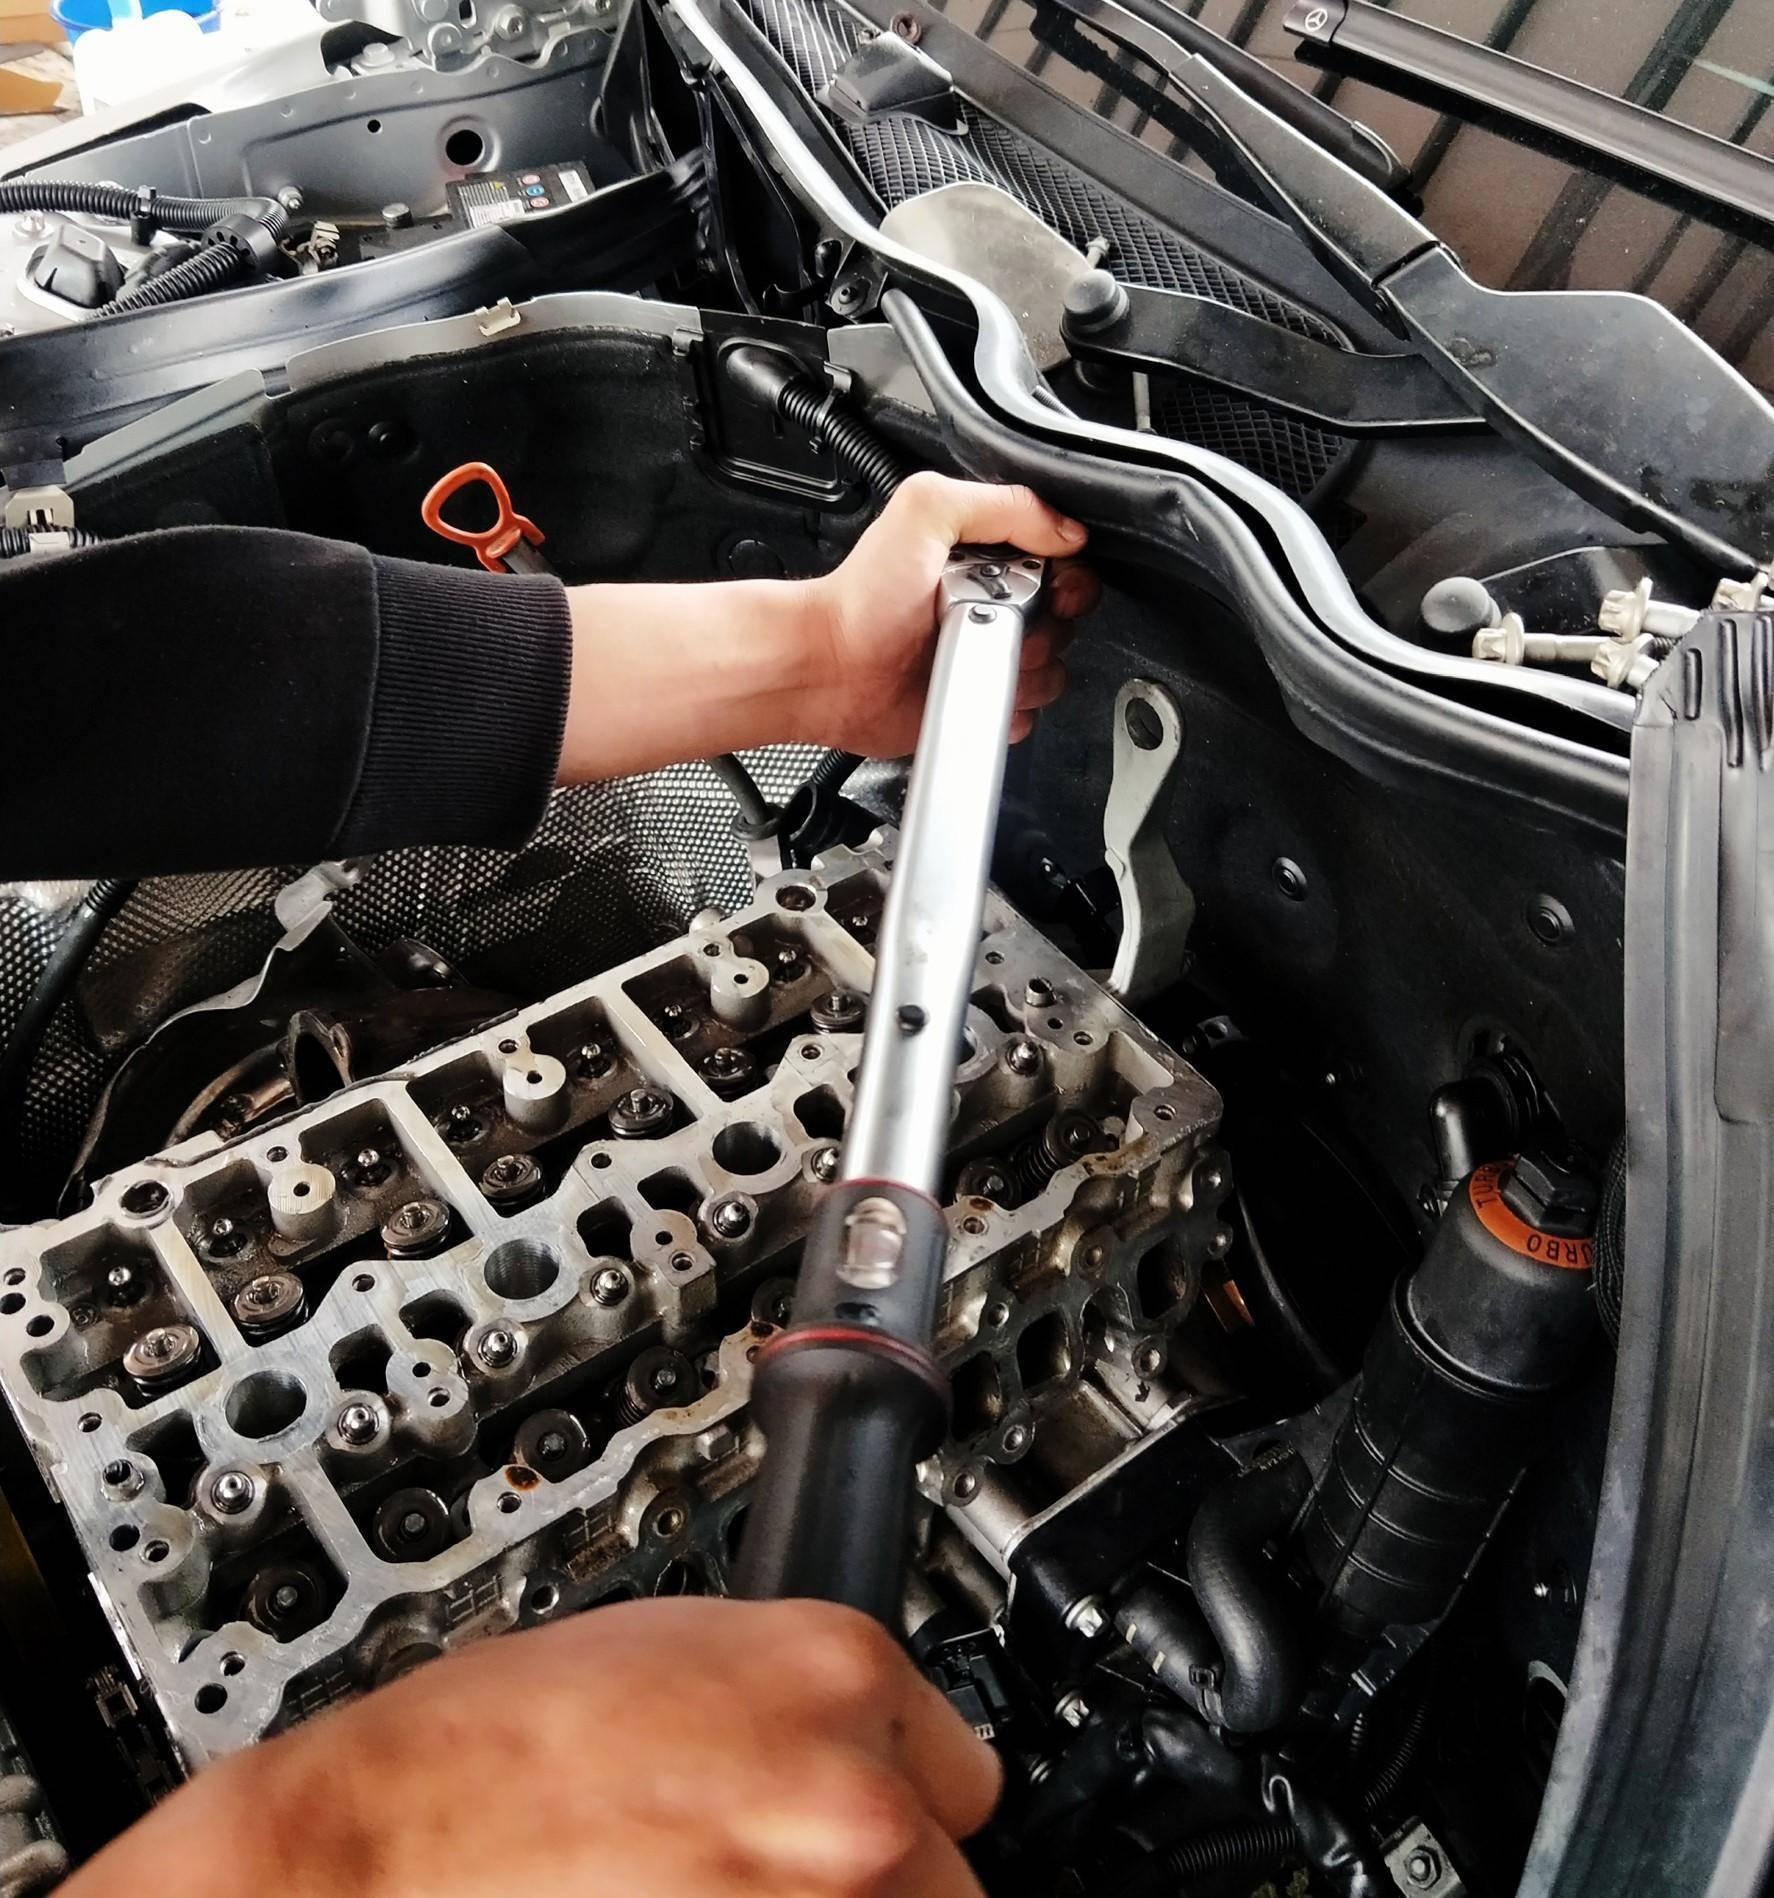 台北華成汽車BENZ 引擎大修施工,所以螺絲何老闆都會按原廠規定磅數鎖上